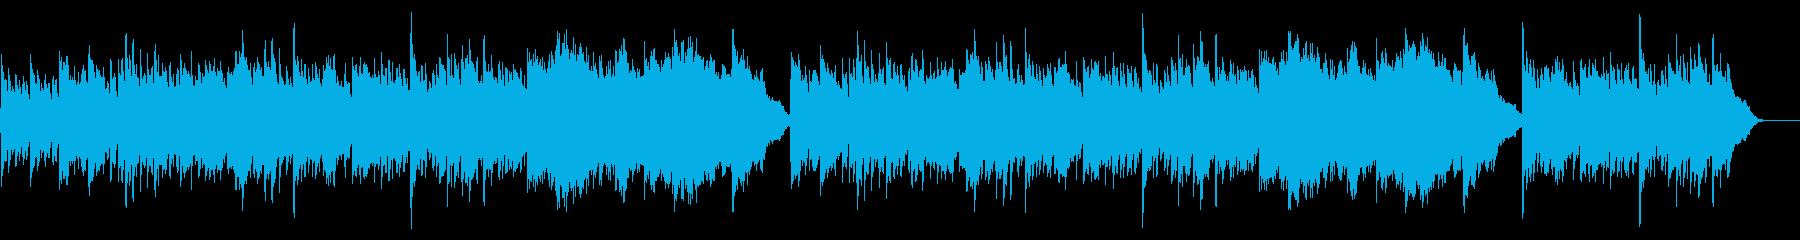 ピアノとホルンの悲しく儚いバラードの再生済みの波形